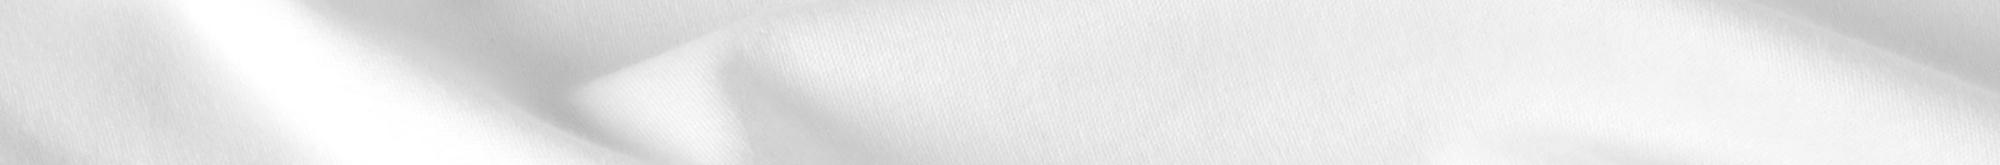 Listpages_underwear_M